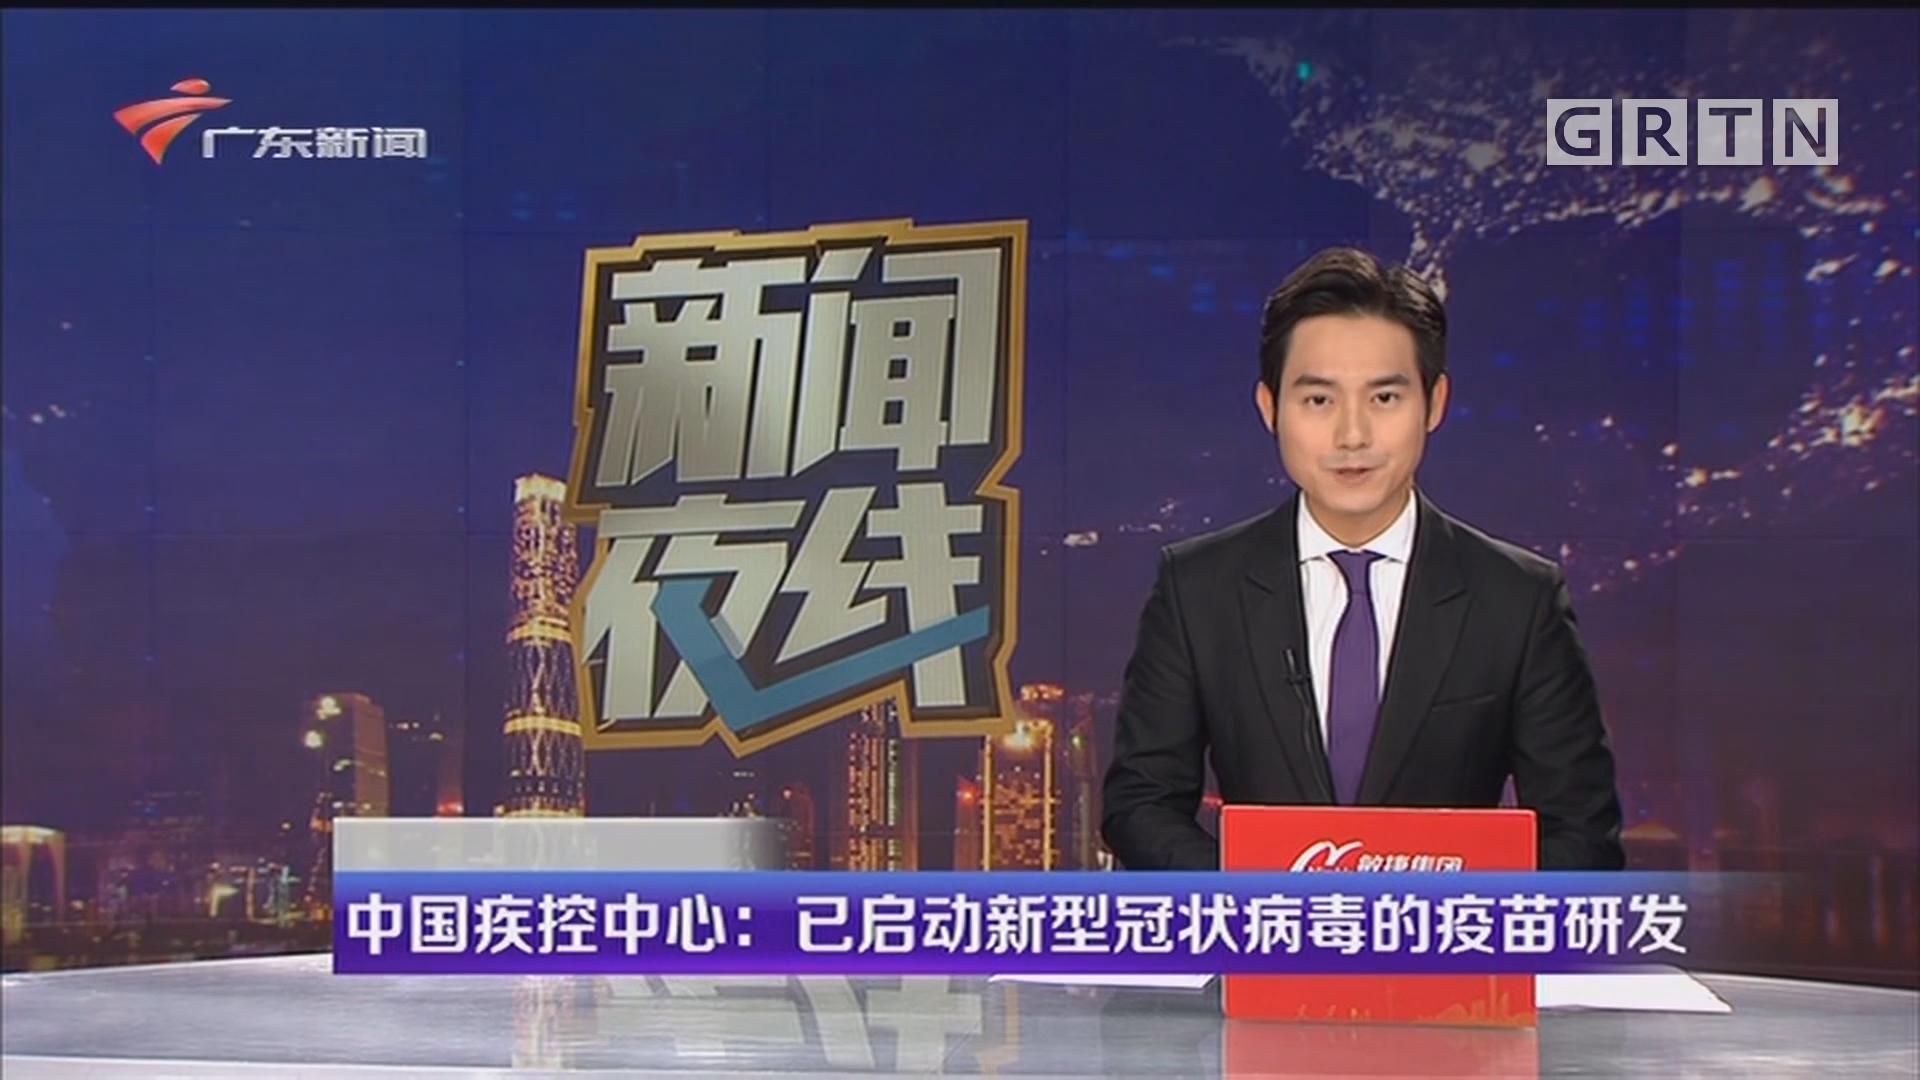 中国疾控中心:已启动新型冠状病毒的疫苗研发